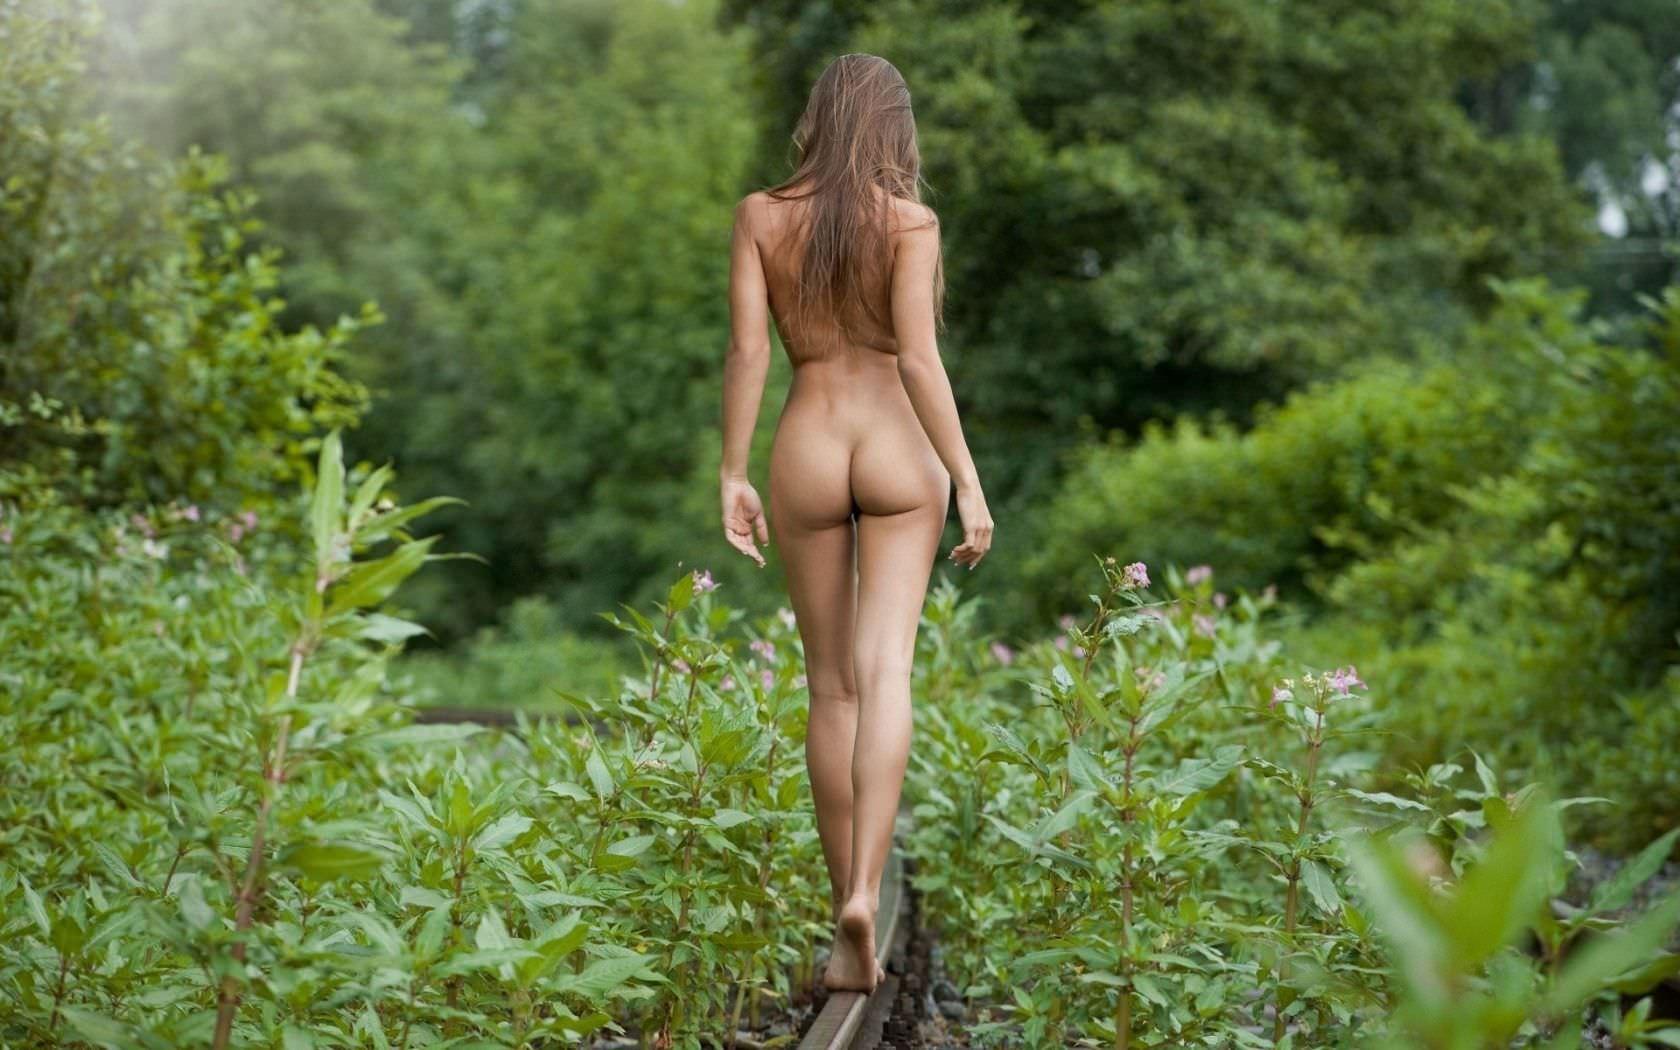 Naga nun nude image nude movies